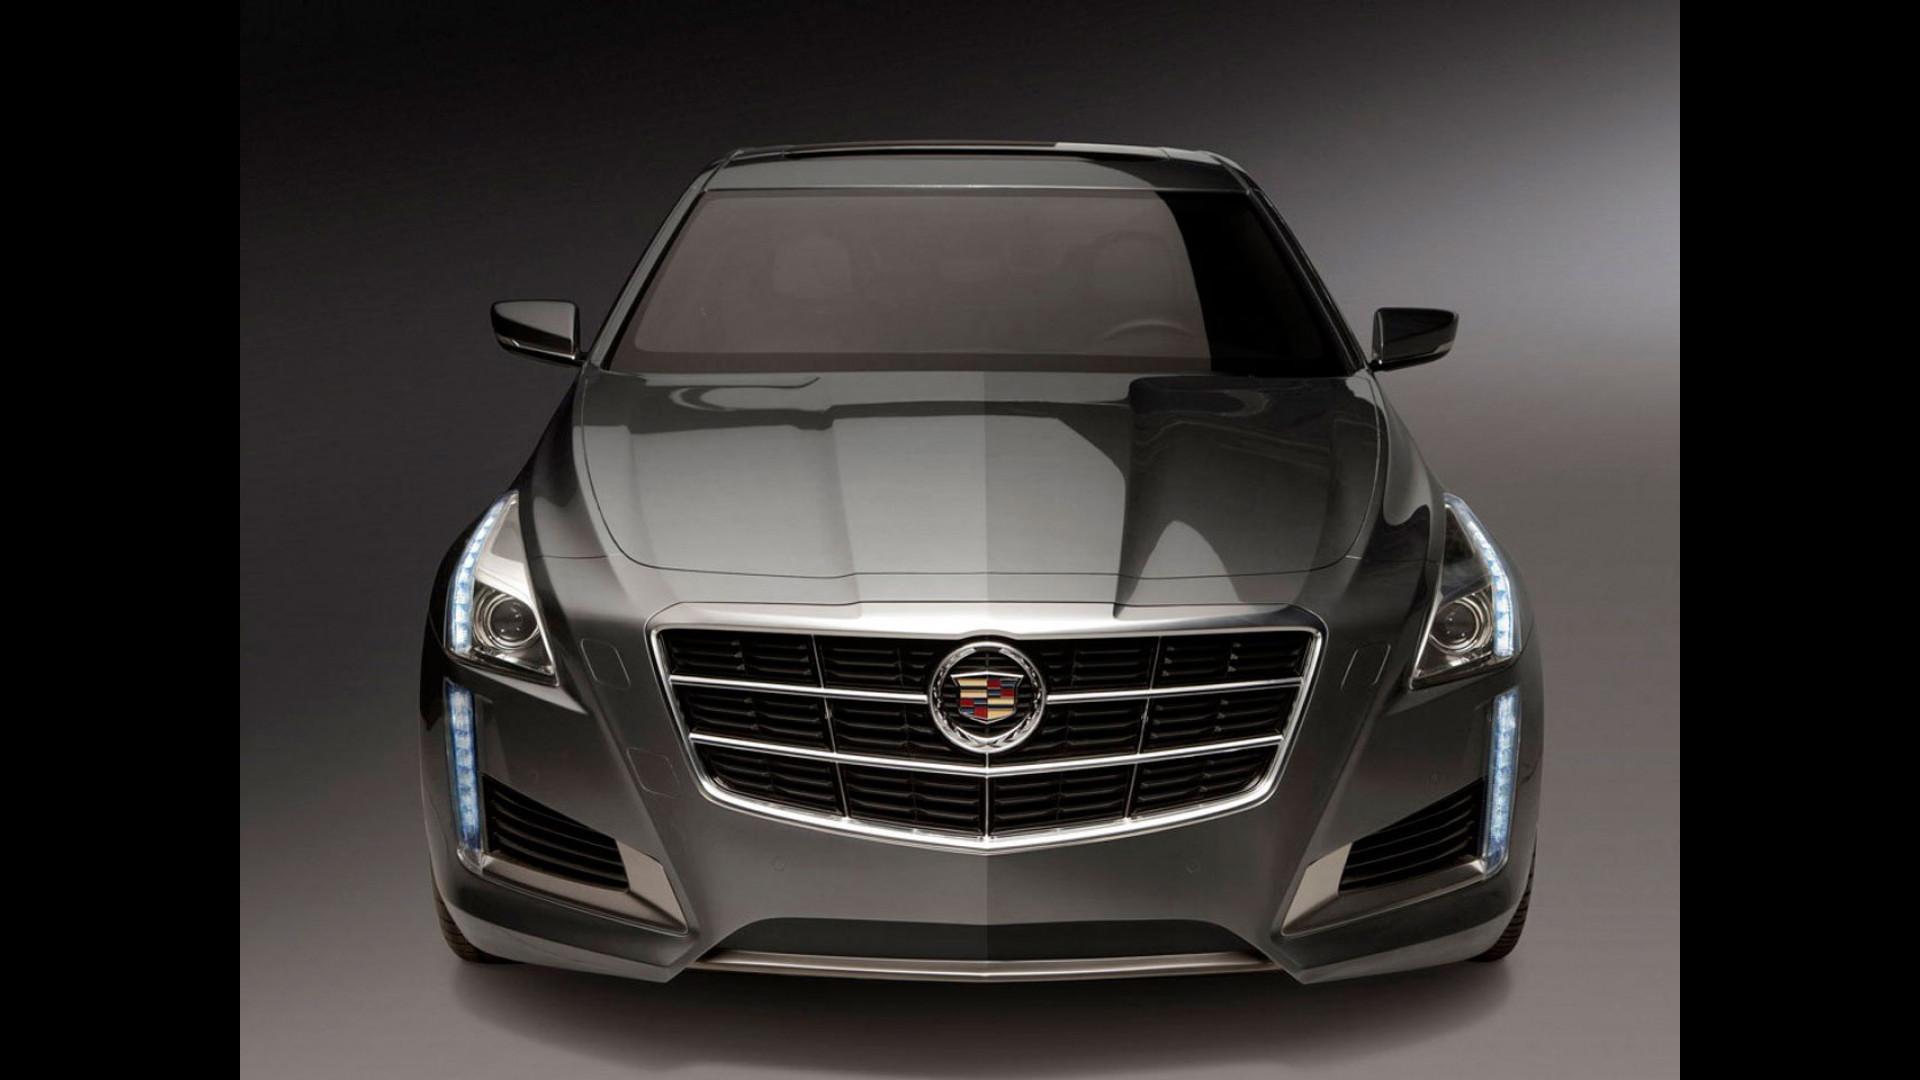 Cadillac Abbatte Il Turbo Lag Con Due Turbine E Tubazioni Piu